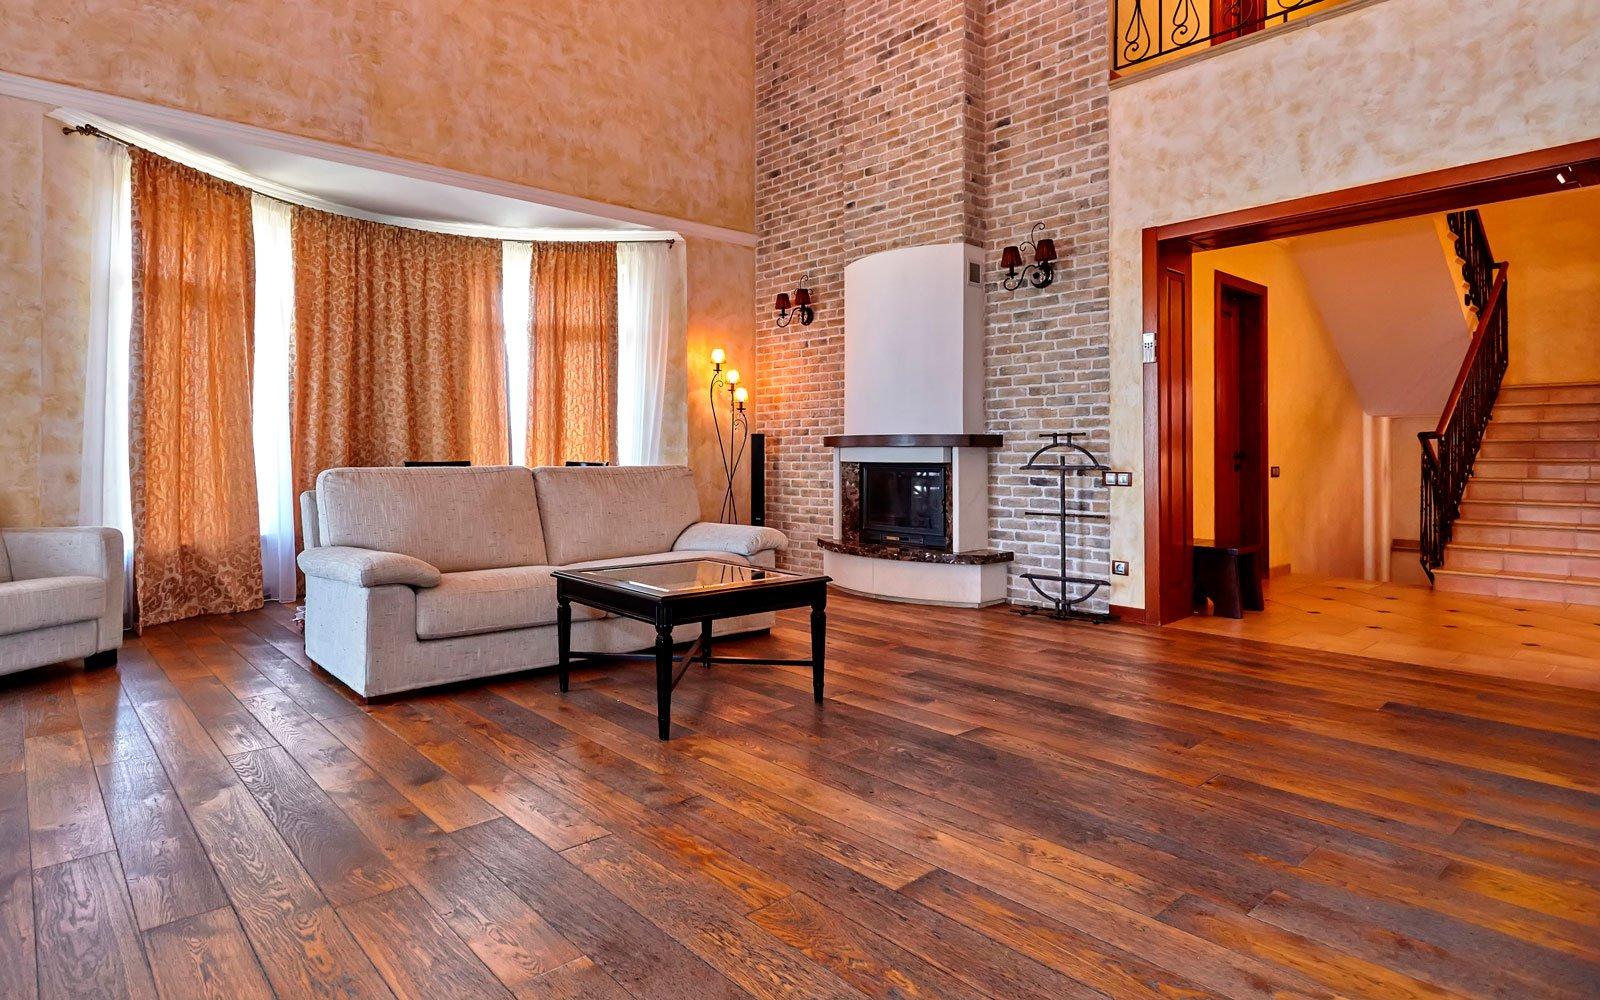 Vaughan Hardwood Flooring Restoring Old Floors Is Easier